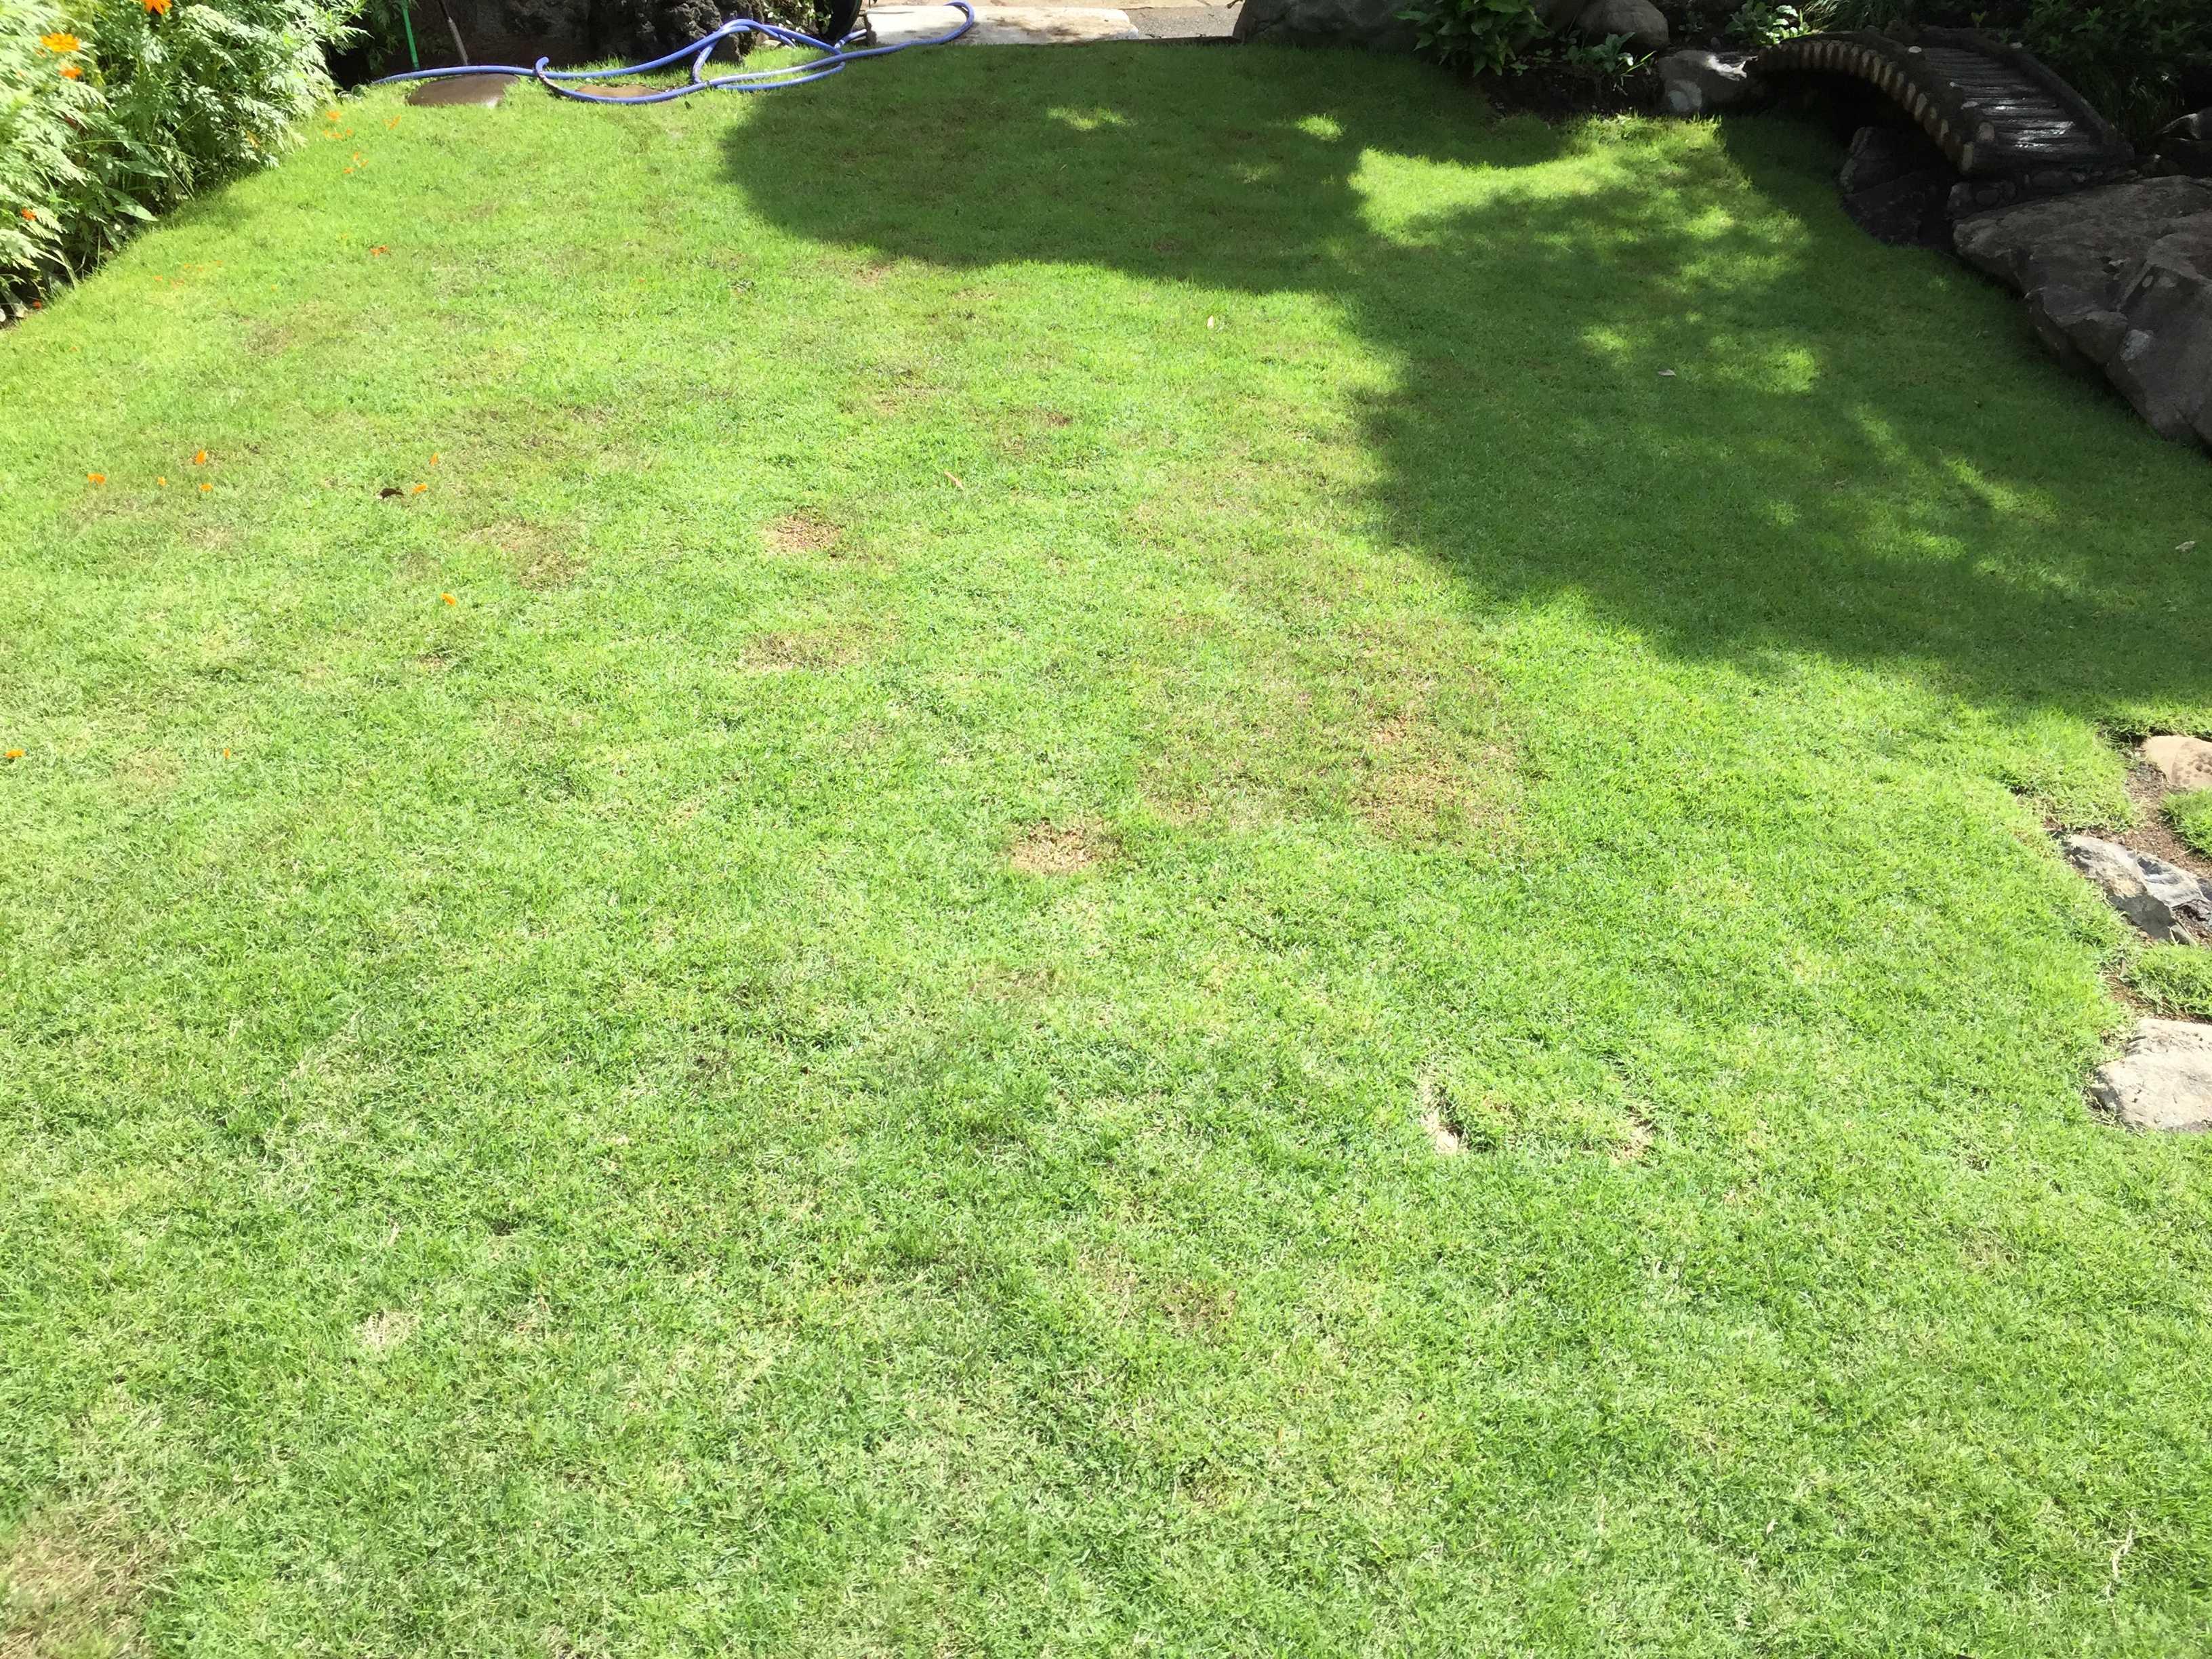 うつくしい芝生 TM9